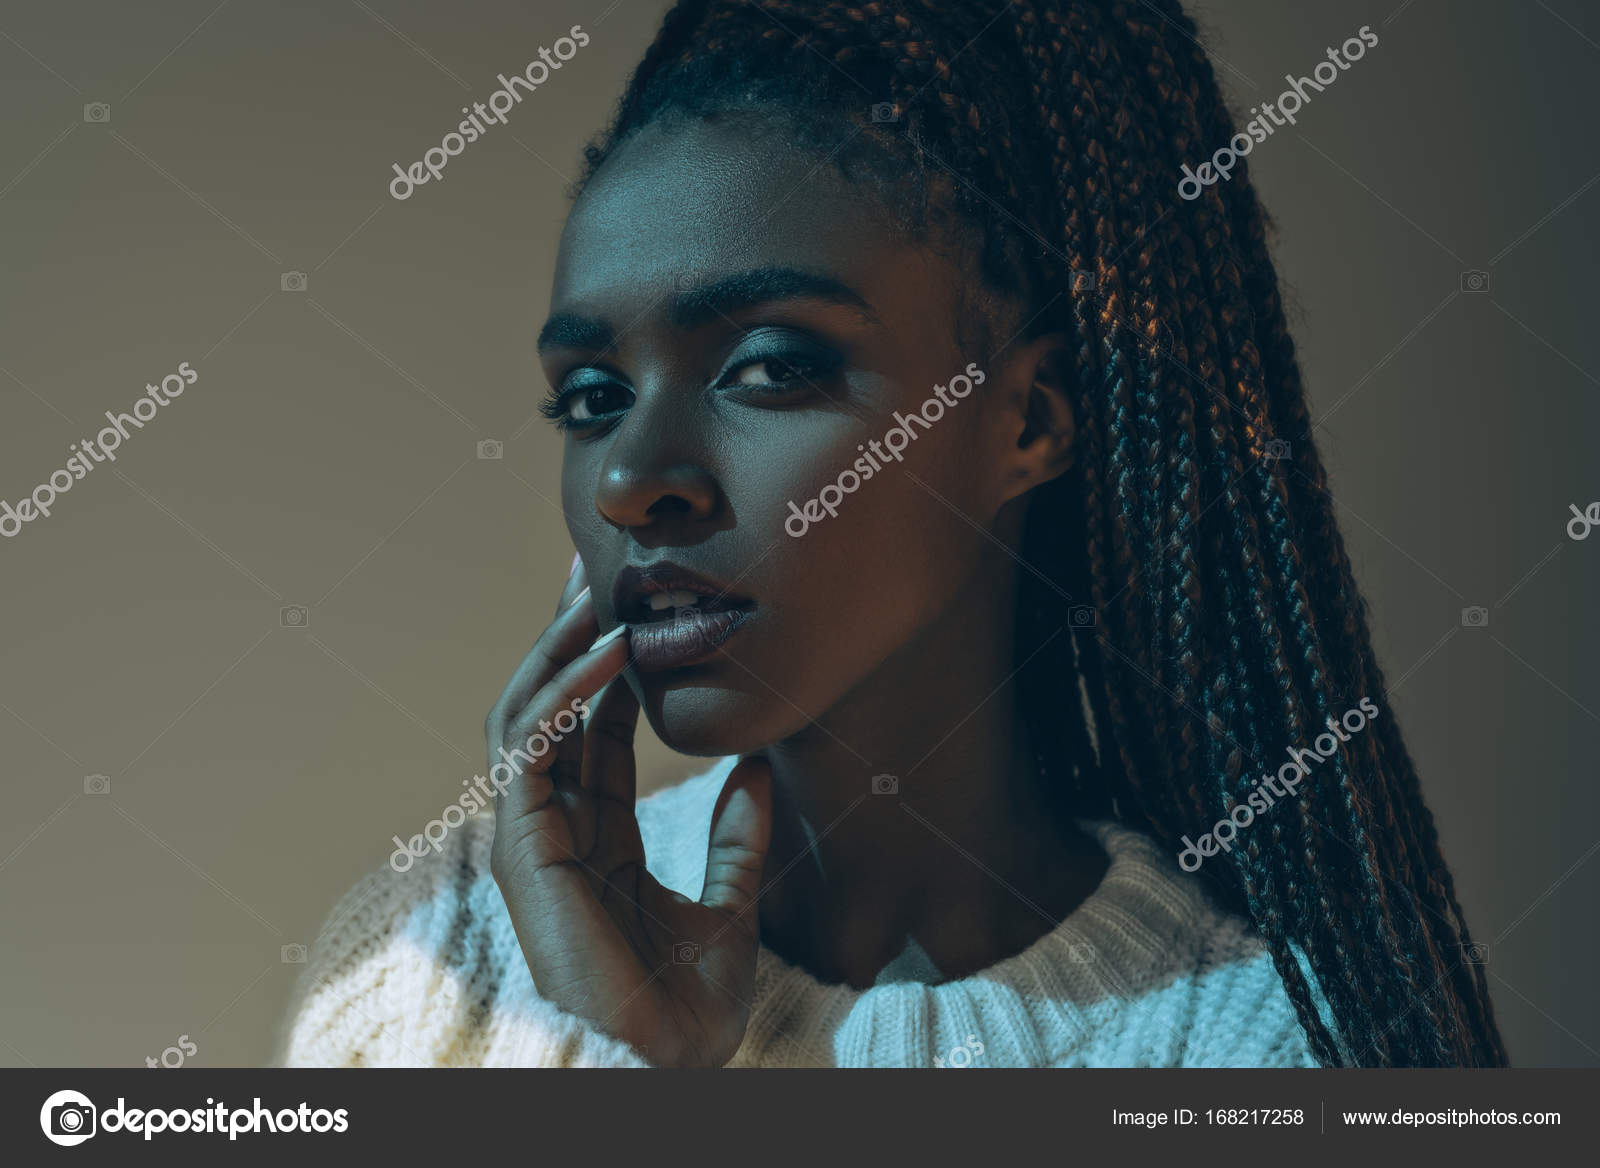 アフリカ系アメリカ人の美人 — ...